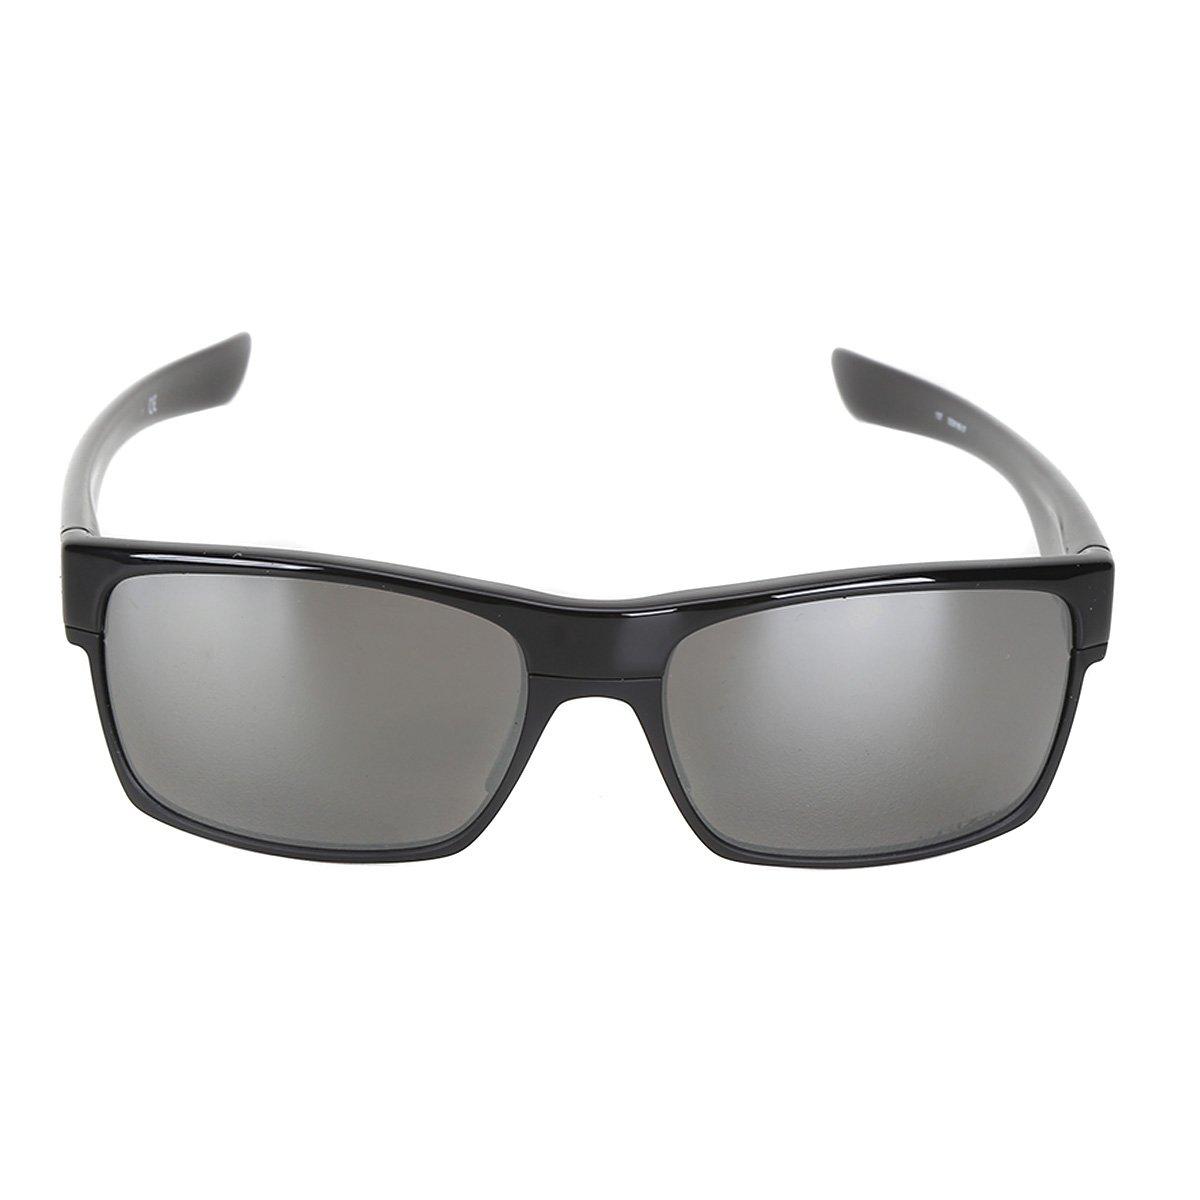 73768cb42bf55 Óculos Oakley TwoFace Masculino  Óculos Oakley TwoFace Masculino ...